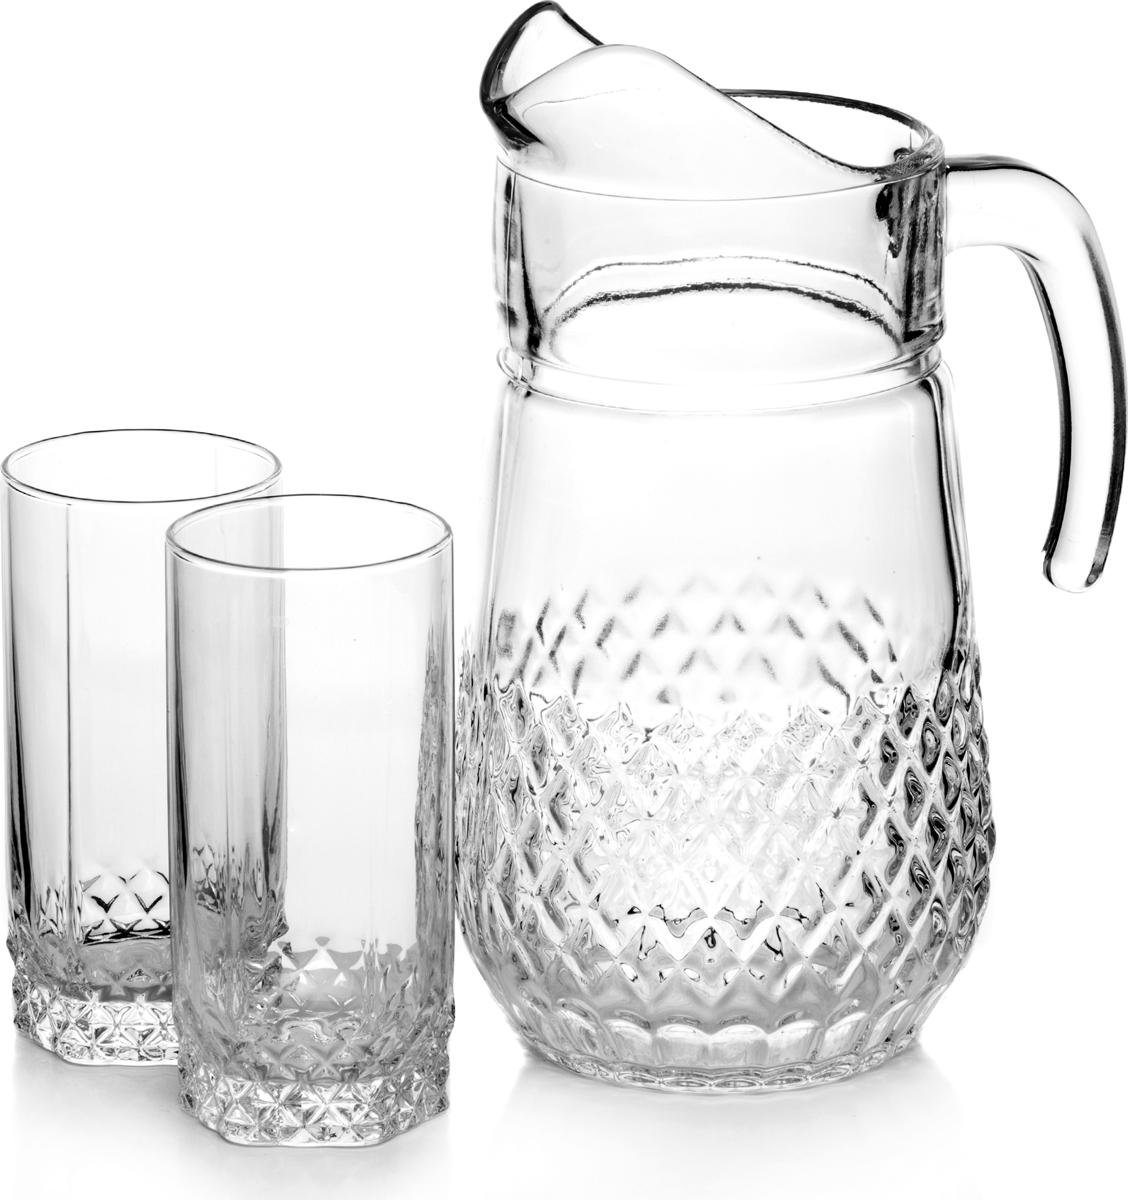 Набор питьевой Pasabahce Valse, 7 предметов набор питьевой pasabahce sylvana 7 предметов